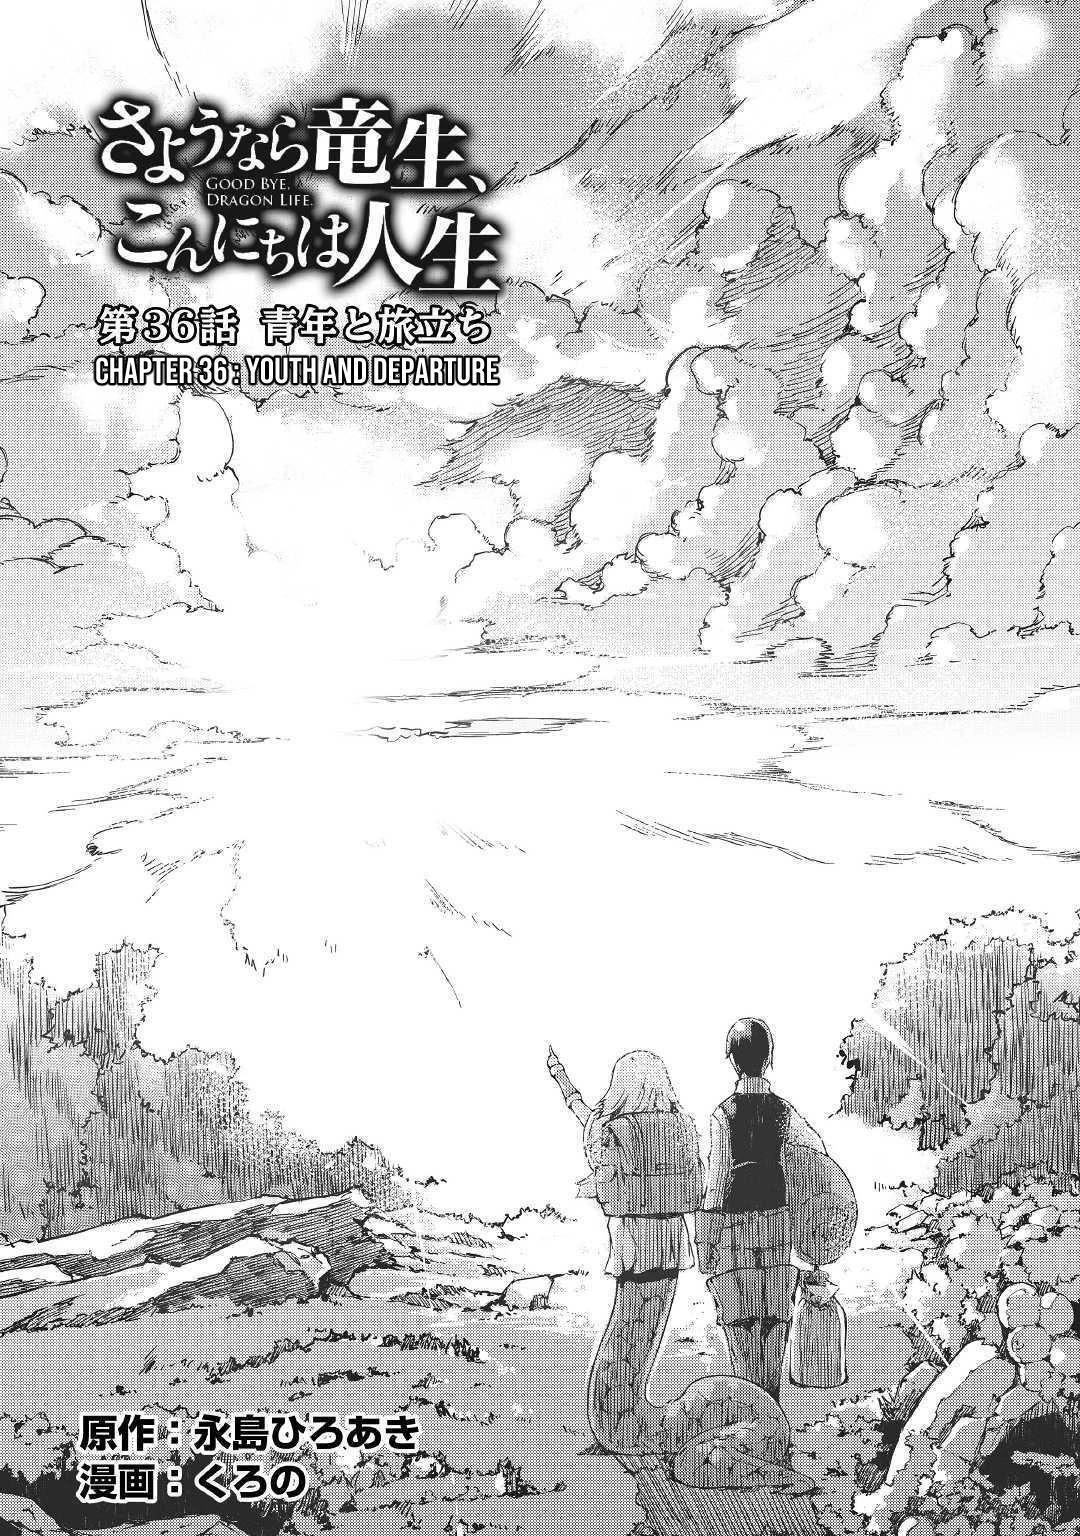 Sayounara Ryuusei, Konnichiwa Jinsei Chapter 36: Youth And Departure page 28 - Mangakakalots.com